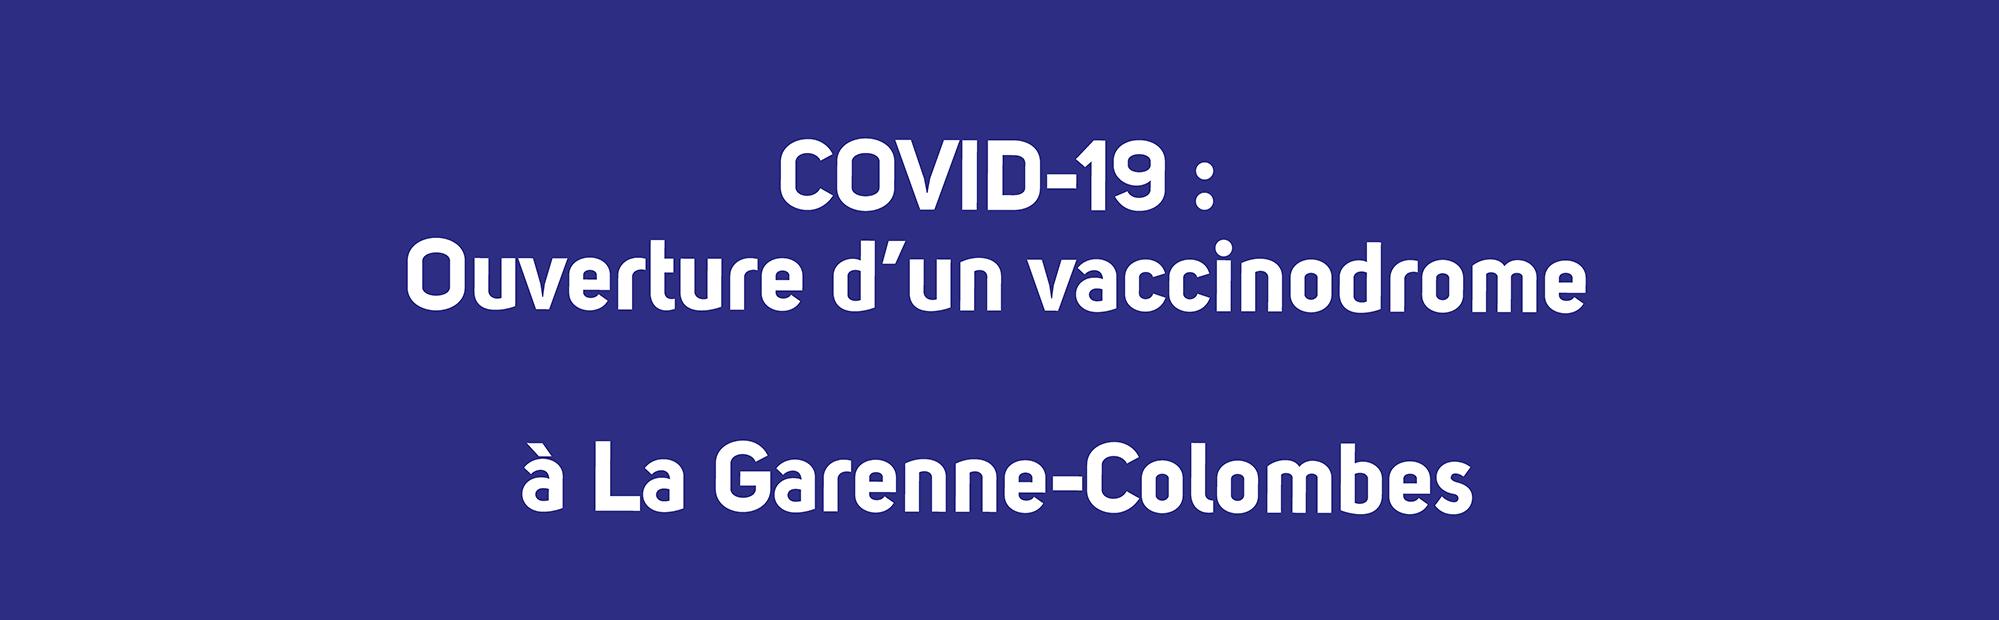 COVID-19 : Ouverture d'un vaccinodrome à La Garenne-Colombes